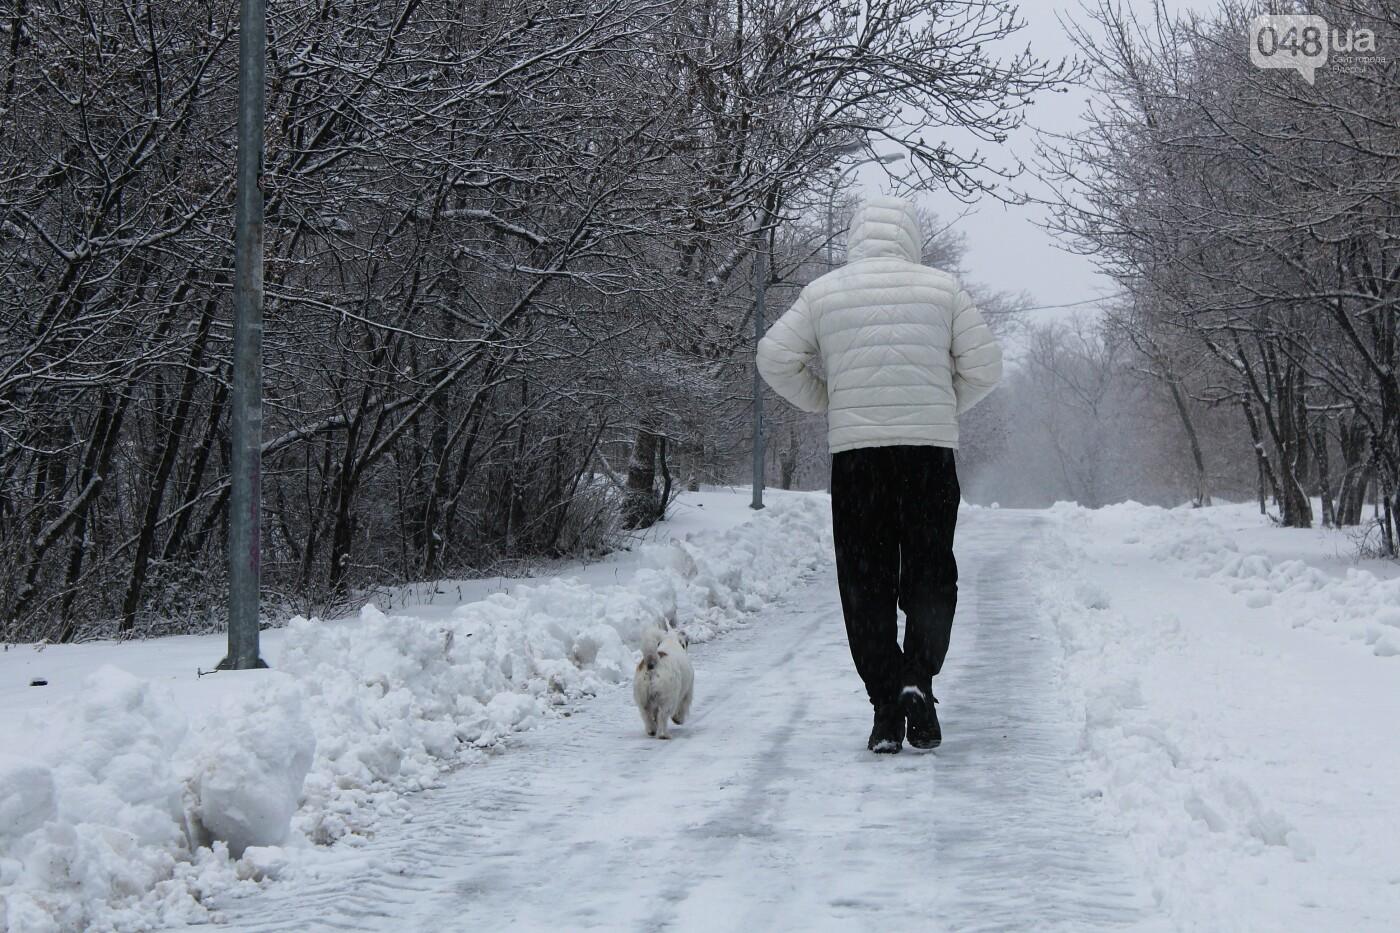 В Одессе побережье засыпало снегом: утки, котики и море, - ФОТОРЕПОРТАЖ, фото-15